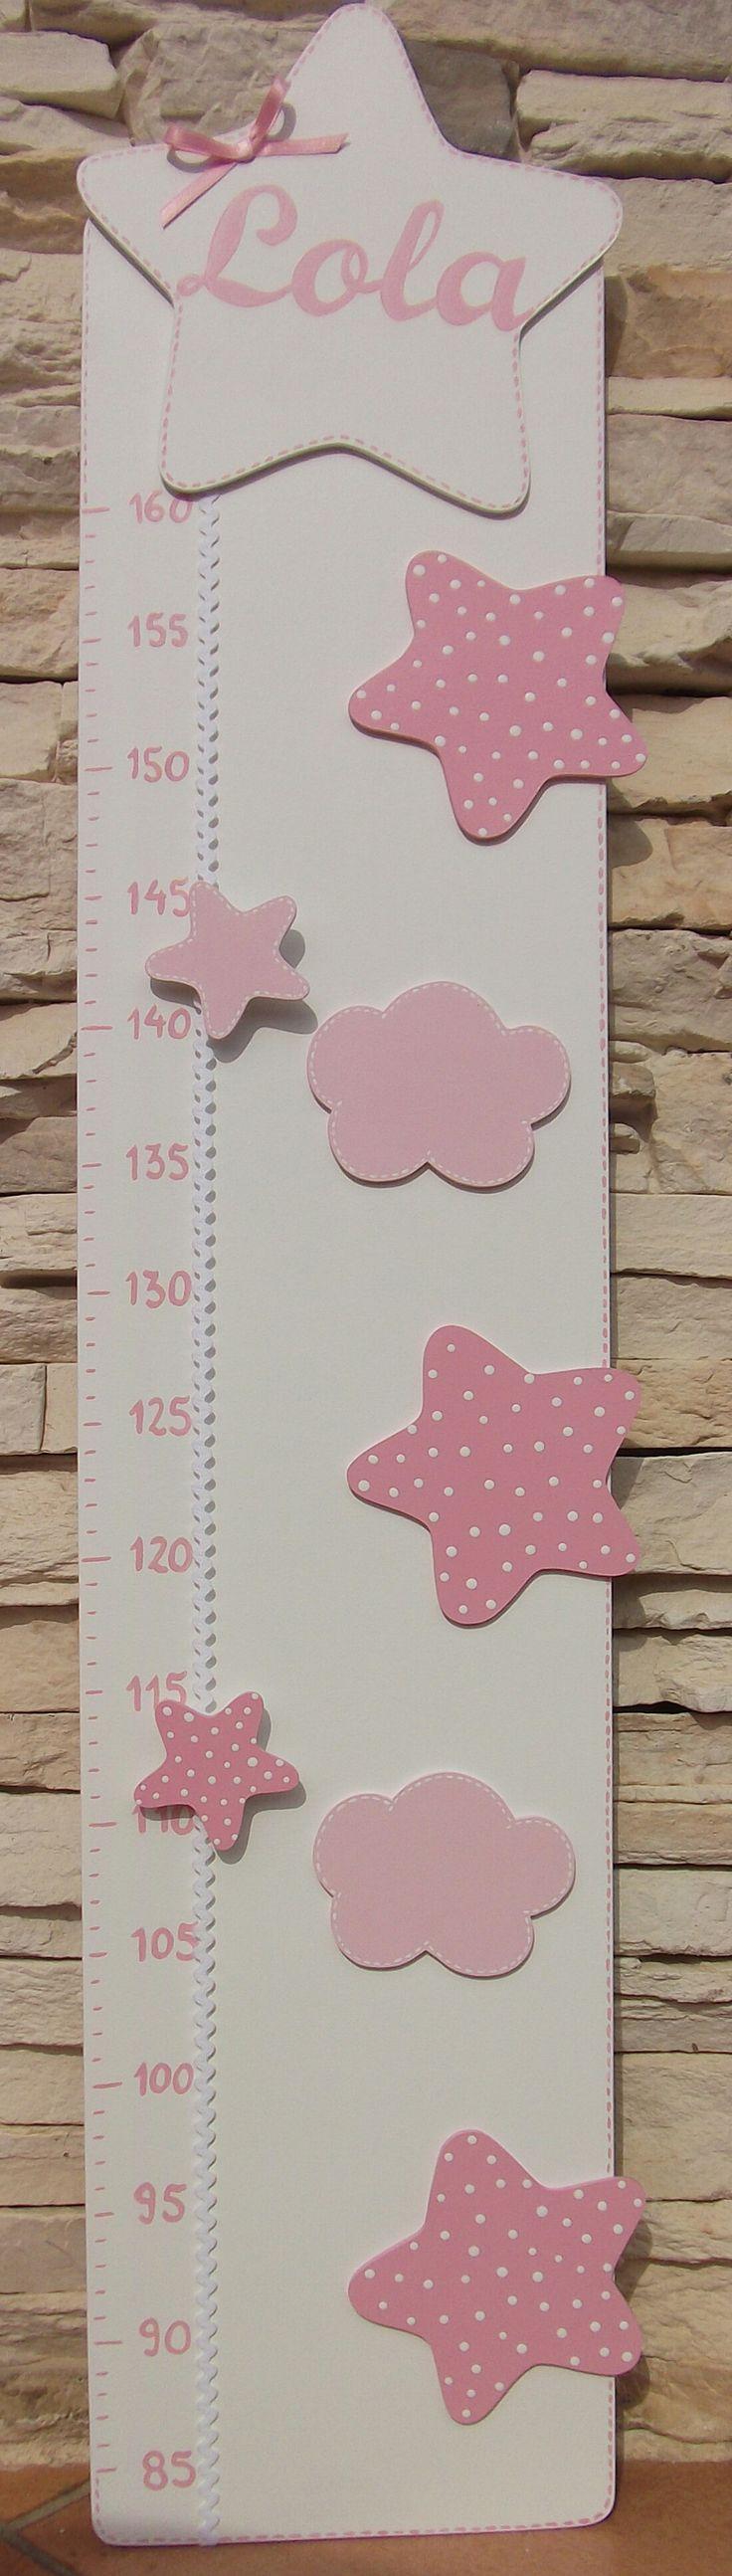 Medidor rosa y blanco con estrellas y nubes. Personalizado con el nombre del bebé.